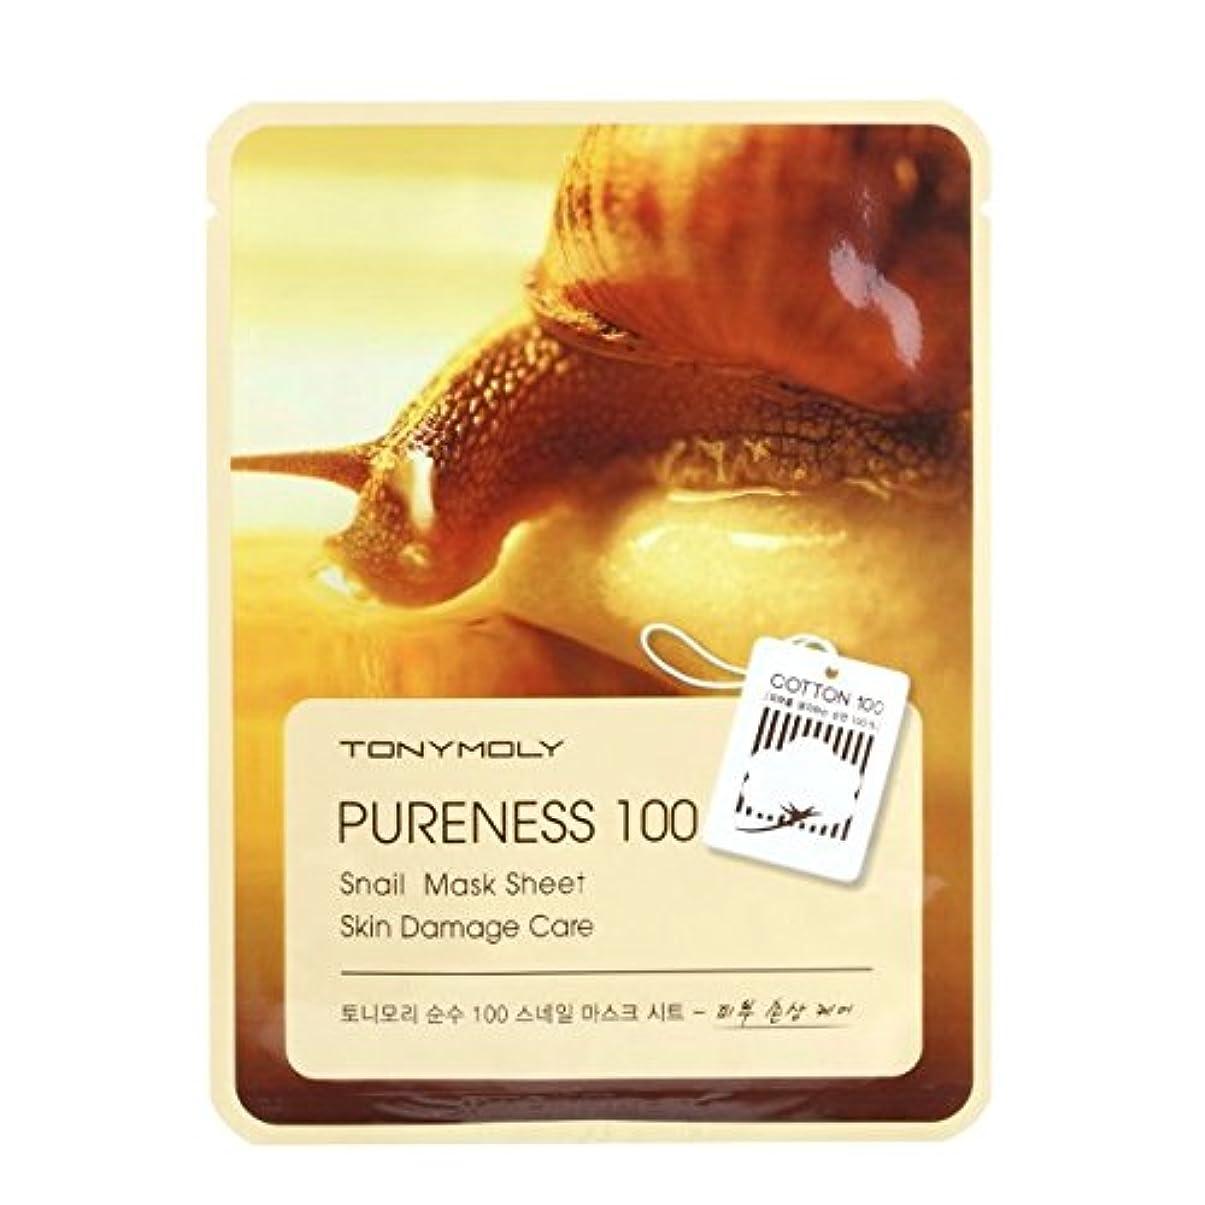 ダルセット代表して慎重(3 Pack) TONYMOLY Pureness 100 Snail Mask Sheet Skin Damage Care (並行輸入品)